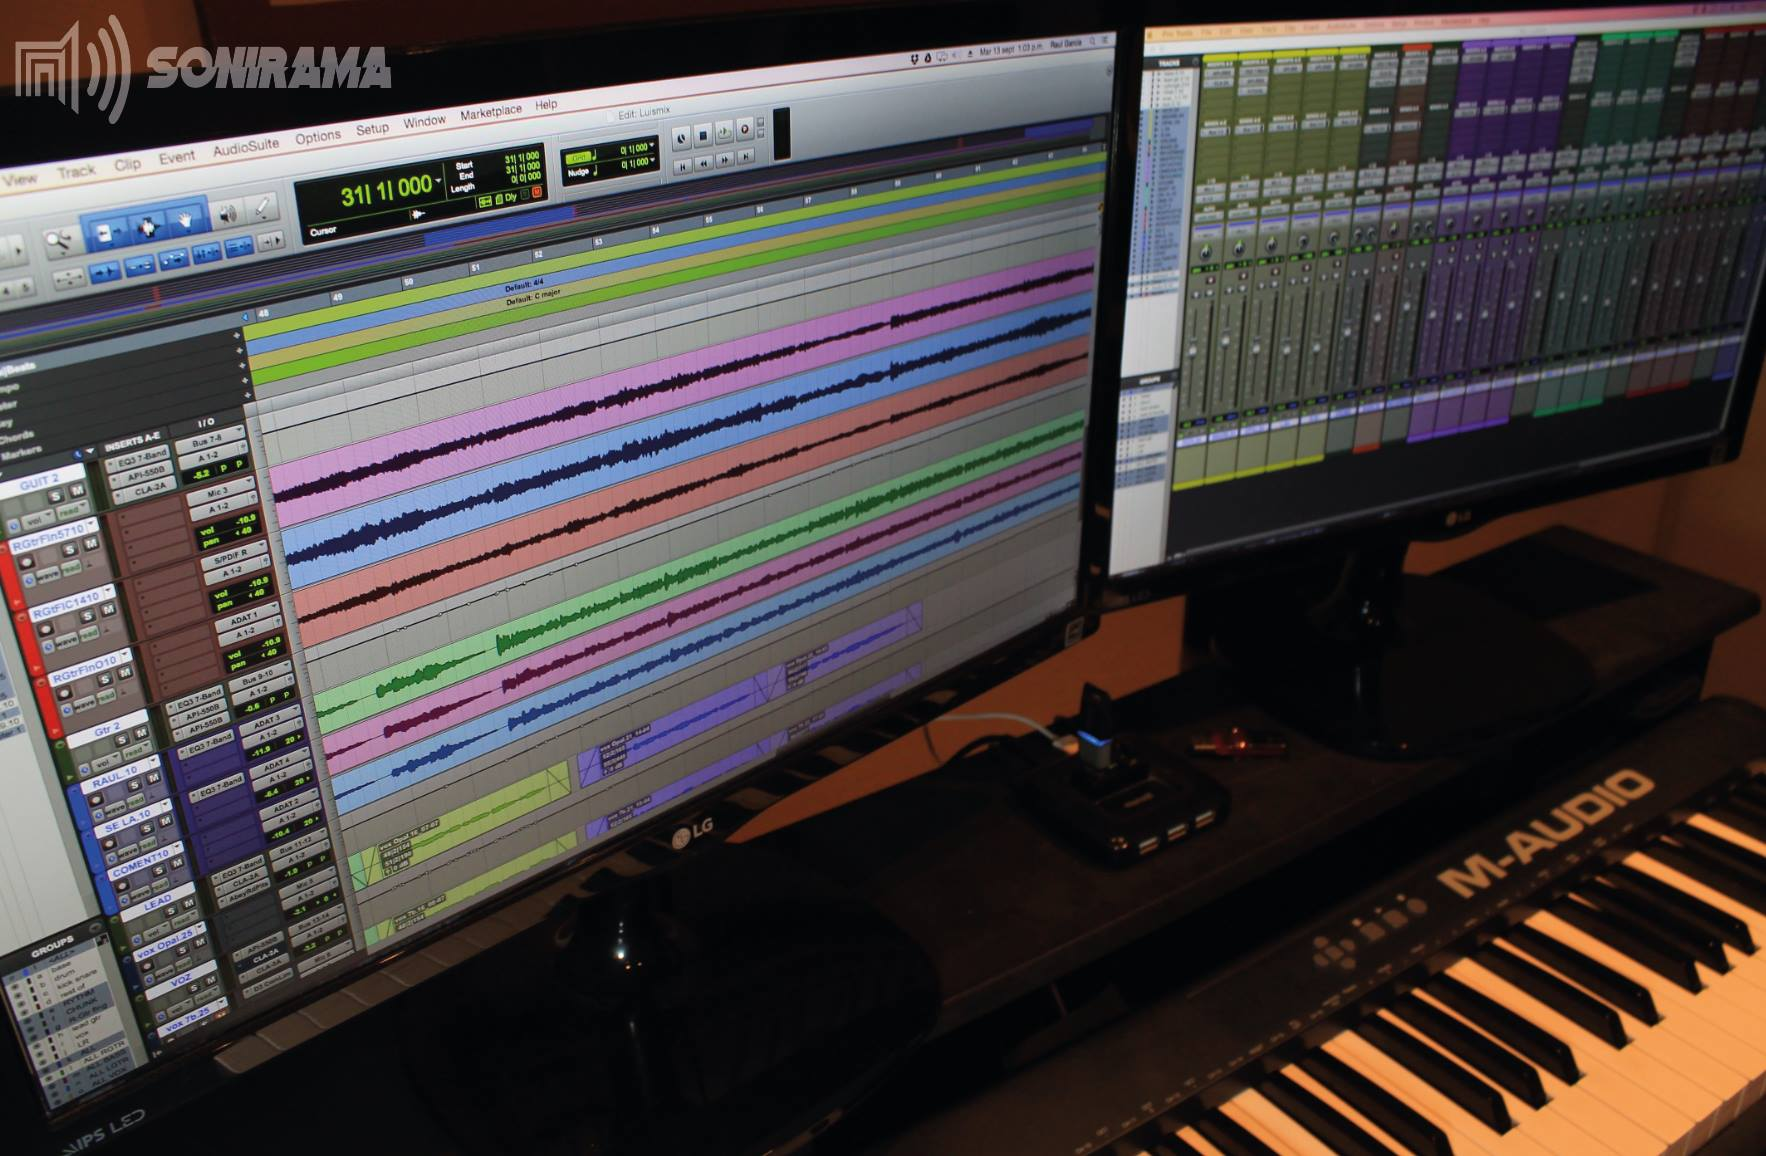 De un estudio de grabación a una escuela de música: Raúl García cuenta su historia